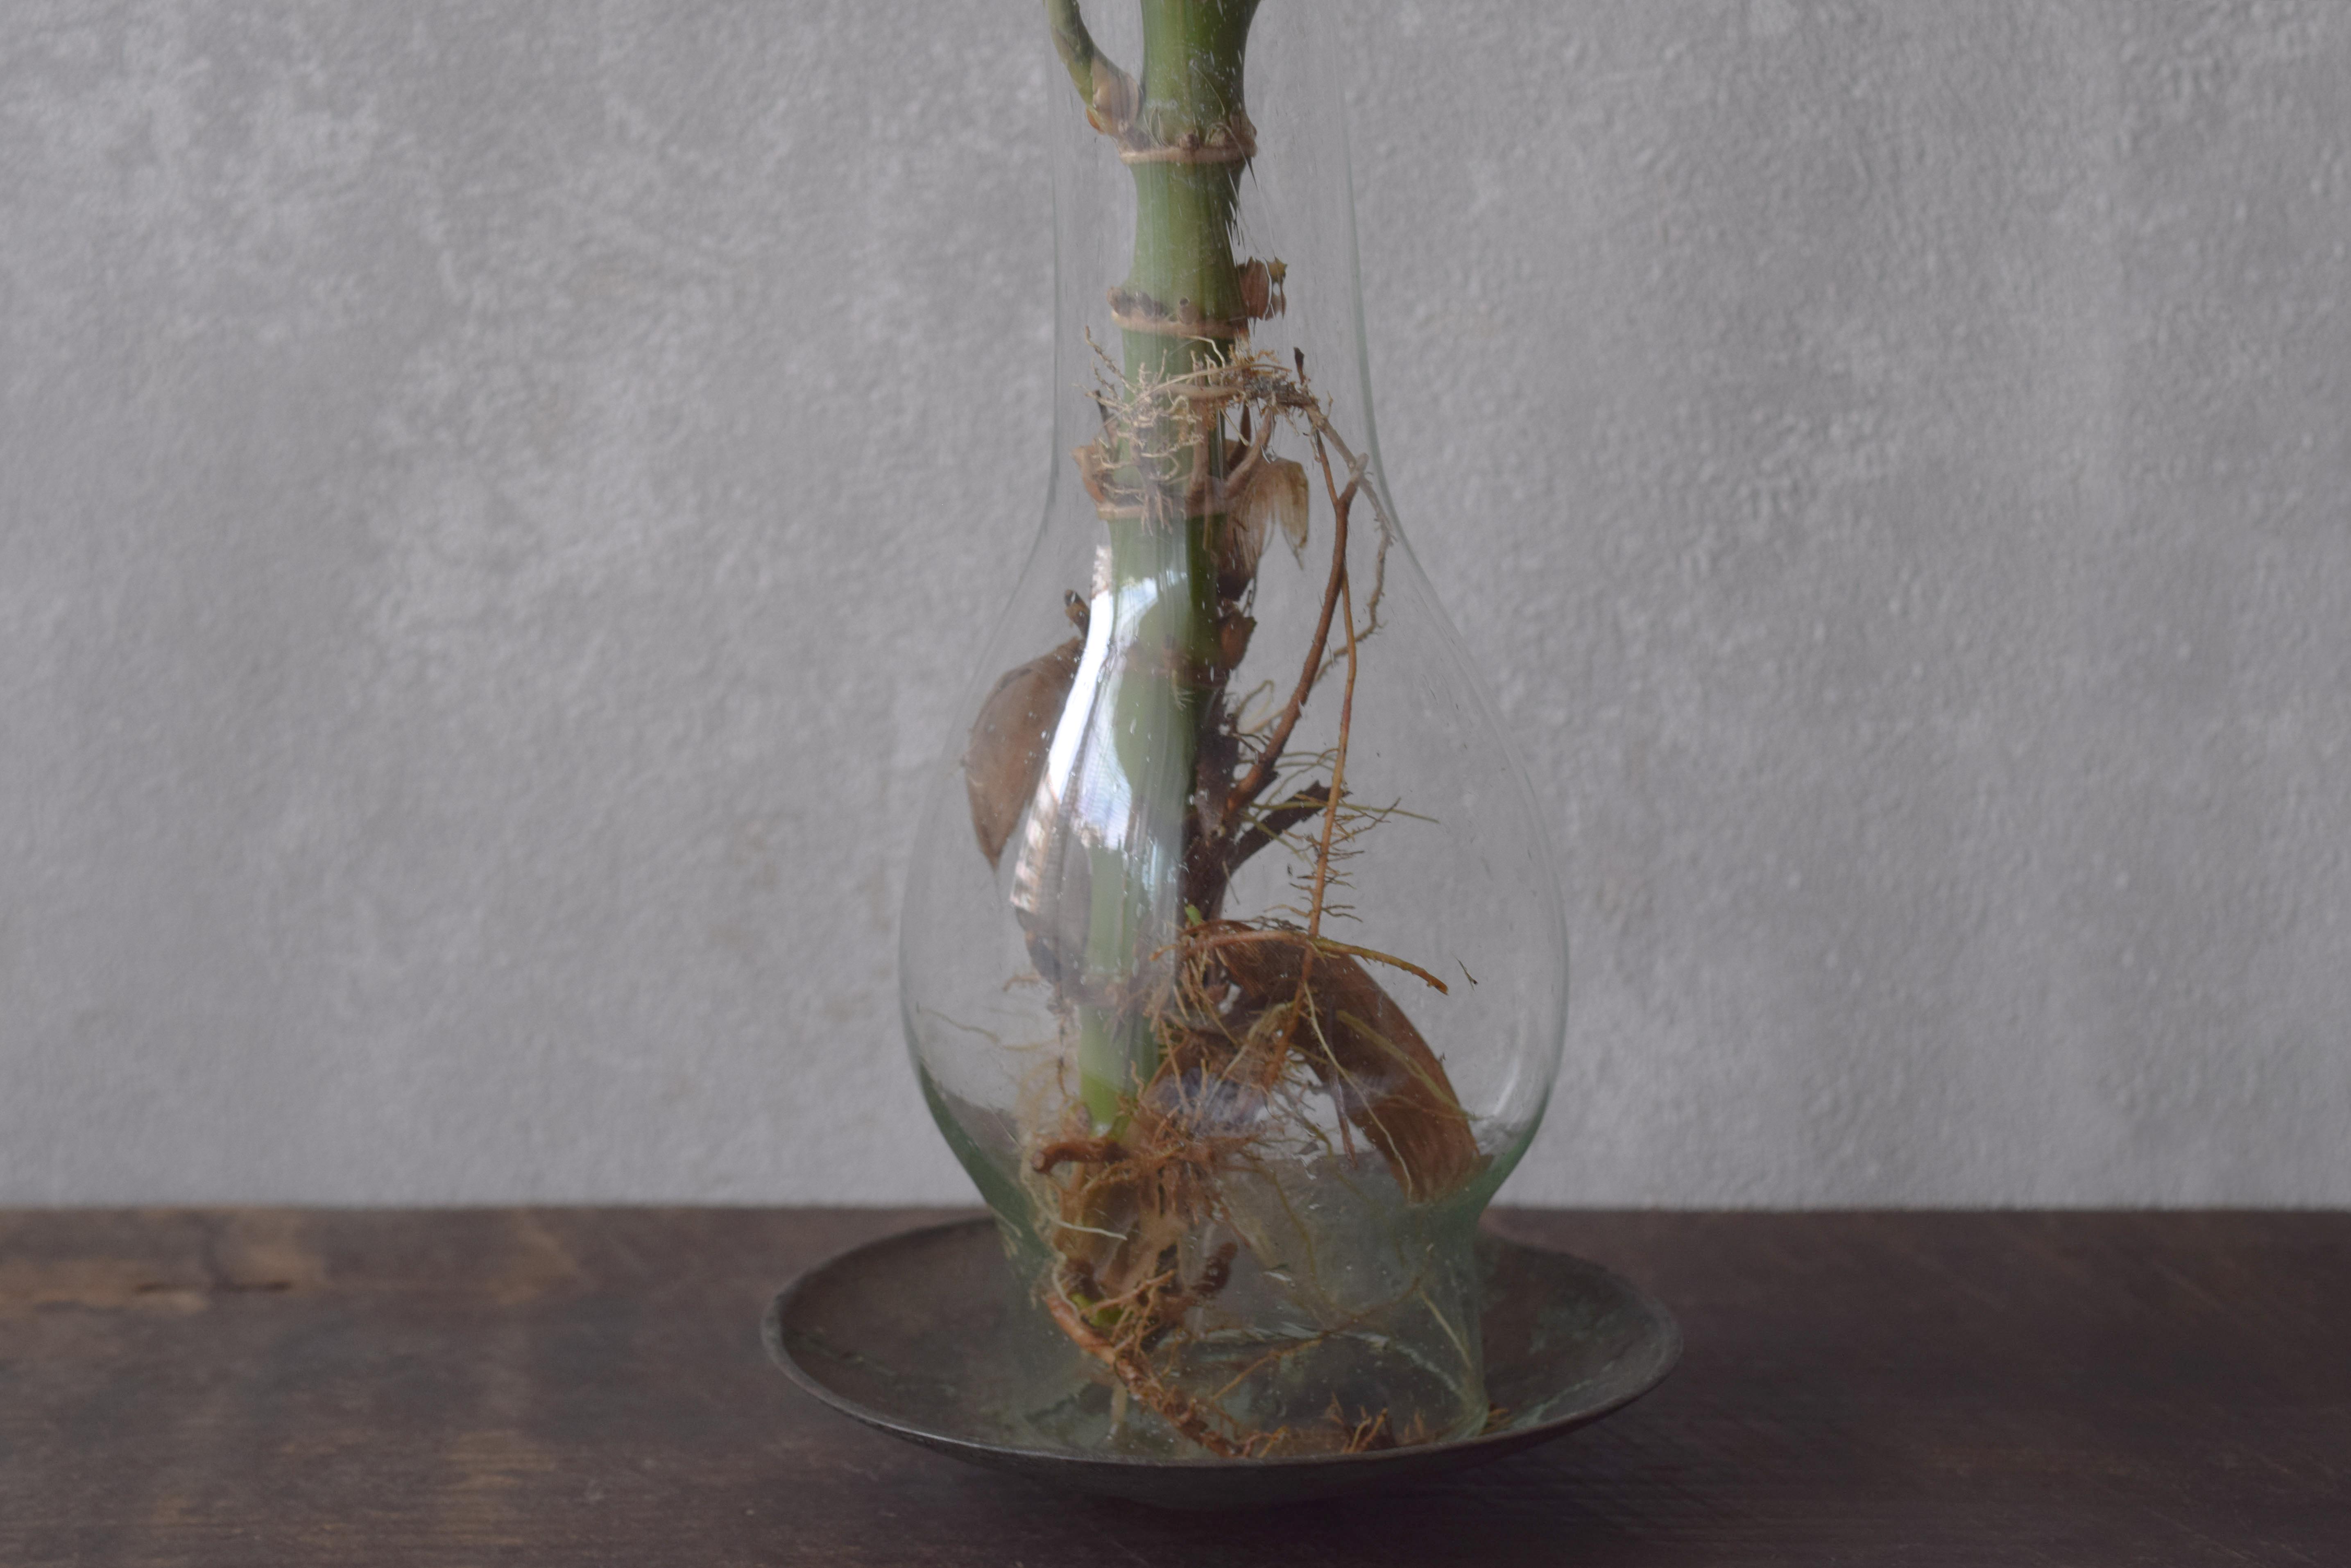 ca-koのウェブサイトです。四季折々の道草。心にとまった身近な草花を、小さな発見を楽しみながら出会った器に合わせています。抛入花の写真です。笹を入れました。